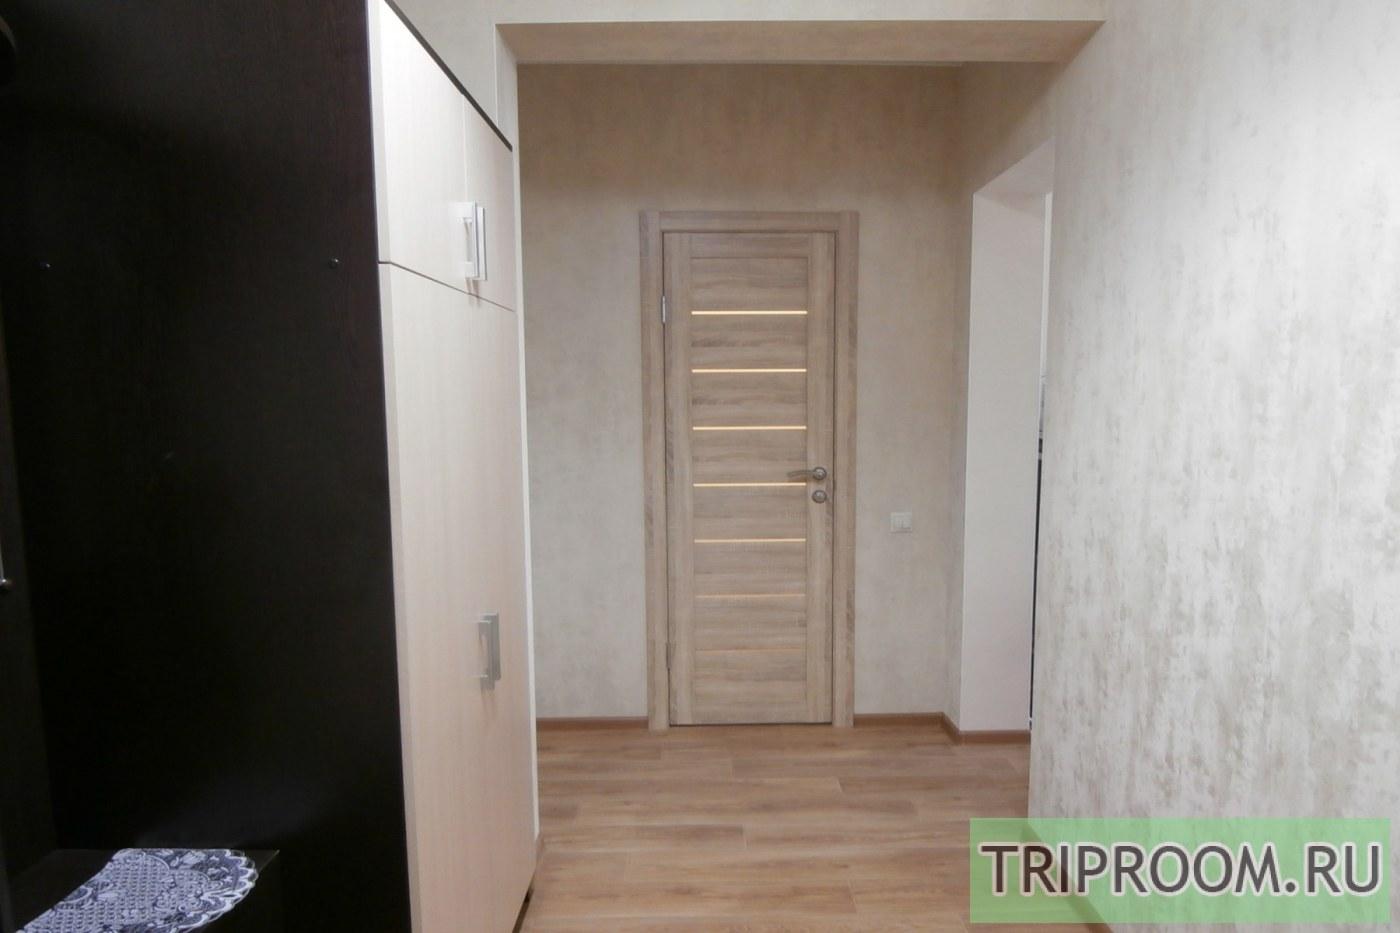 1-комнатная квартира посуточно (вариант № 37778), ул. Крылатый микрорайон, фото № 8